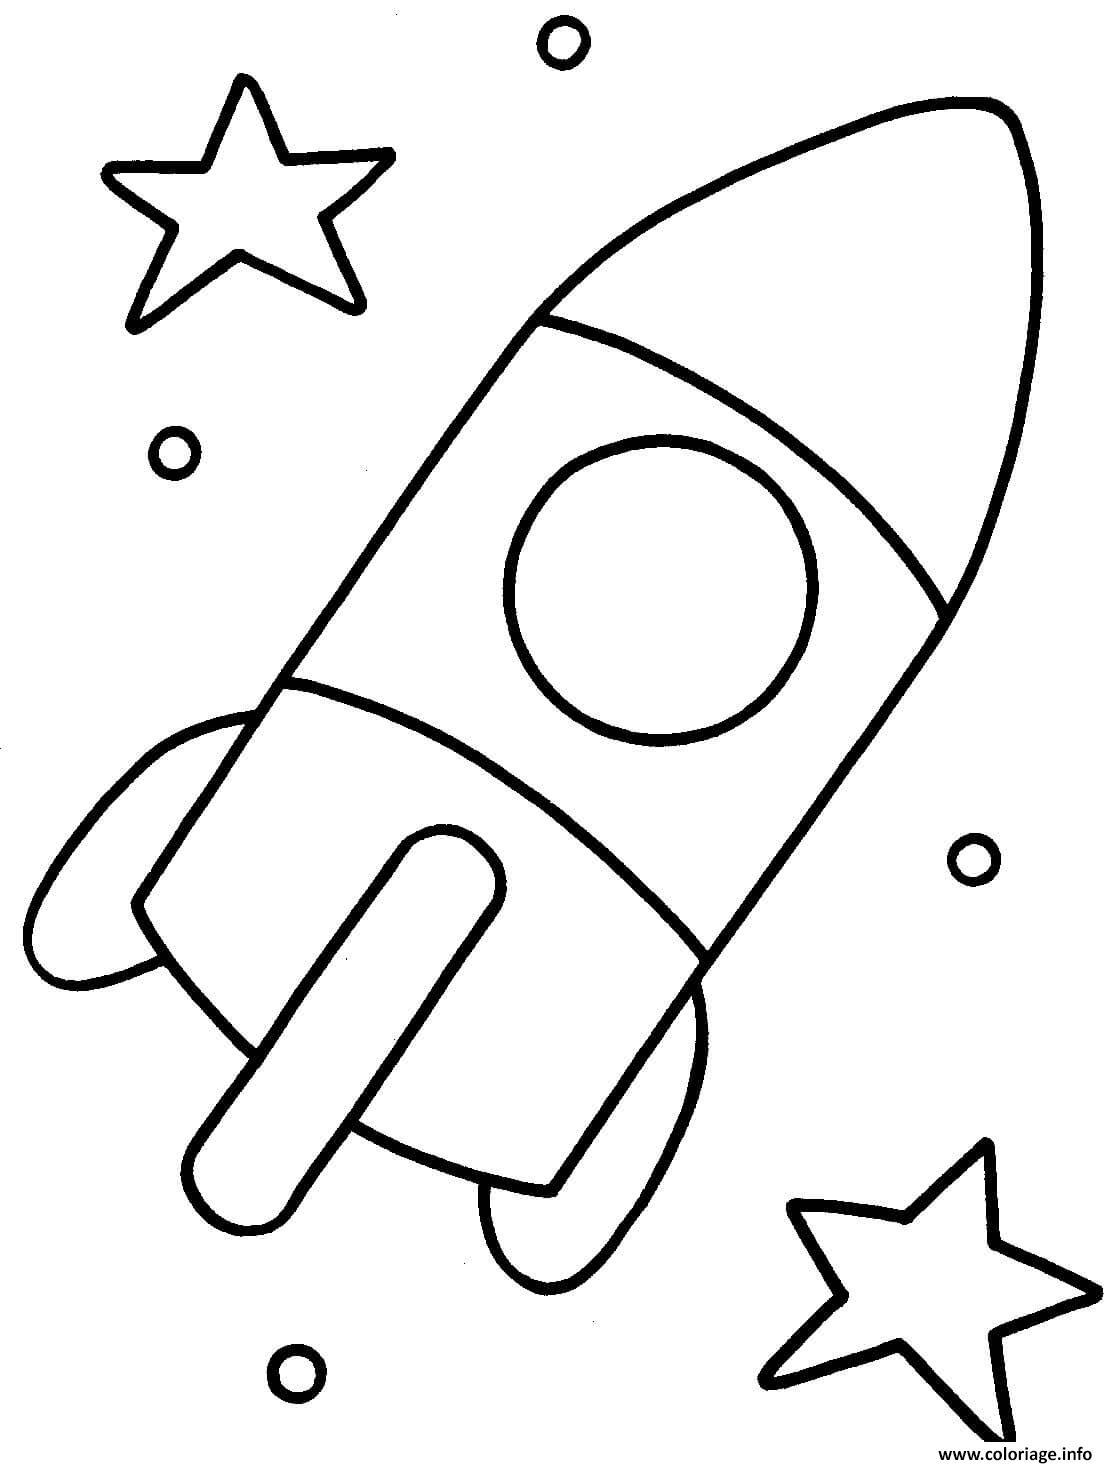 Dessin fusee spatiale maternelle Coloriage Gratuit à Imprimer